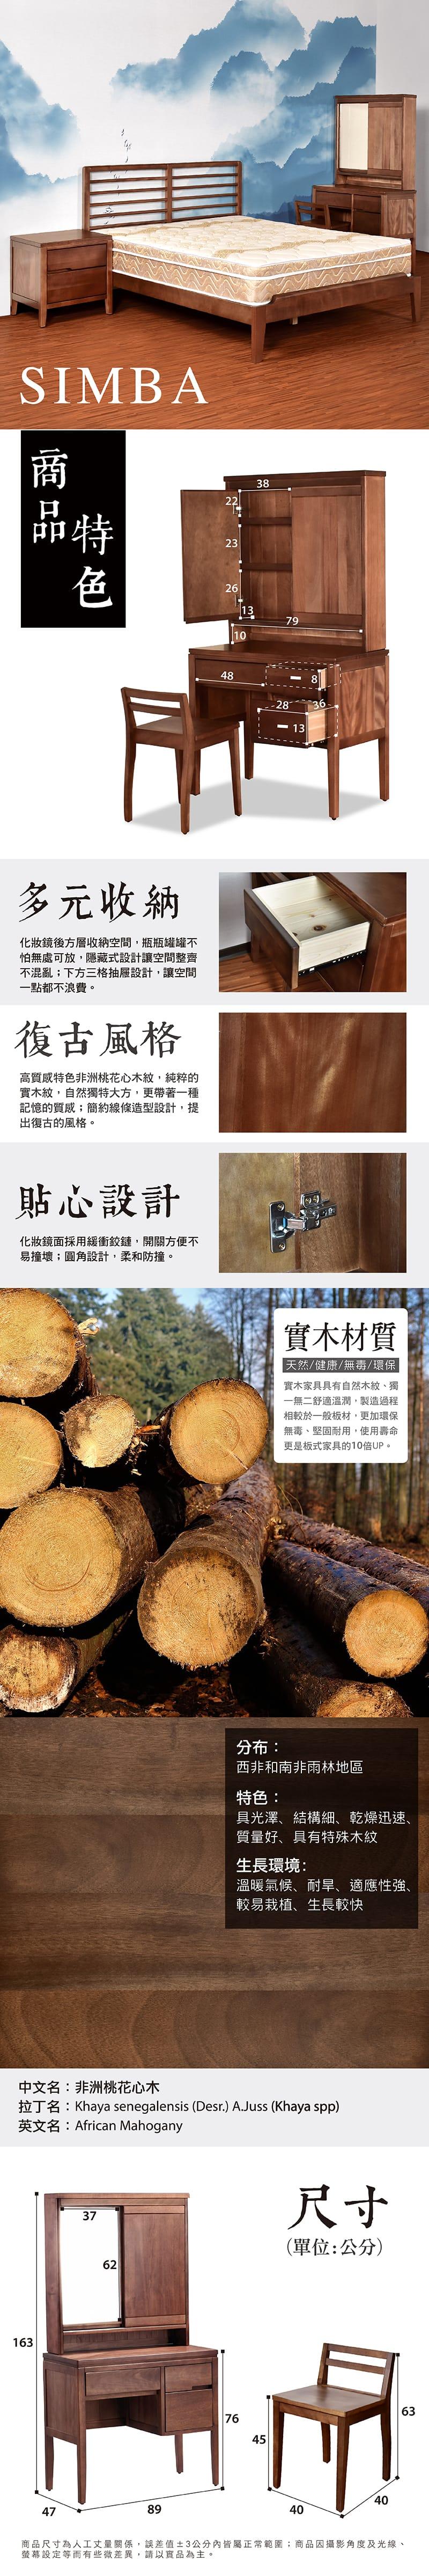 實木收納化妝台組兩件 寬89cm(桌+椅系列)【石橋】